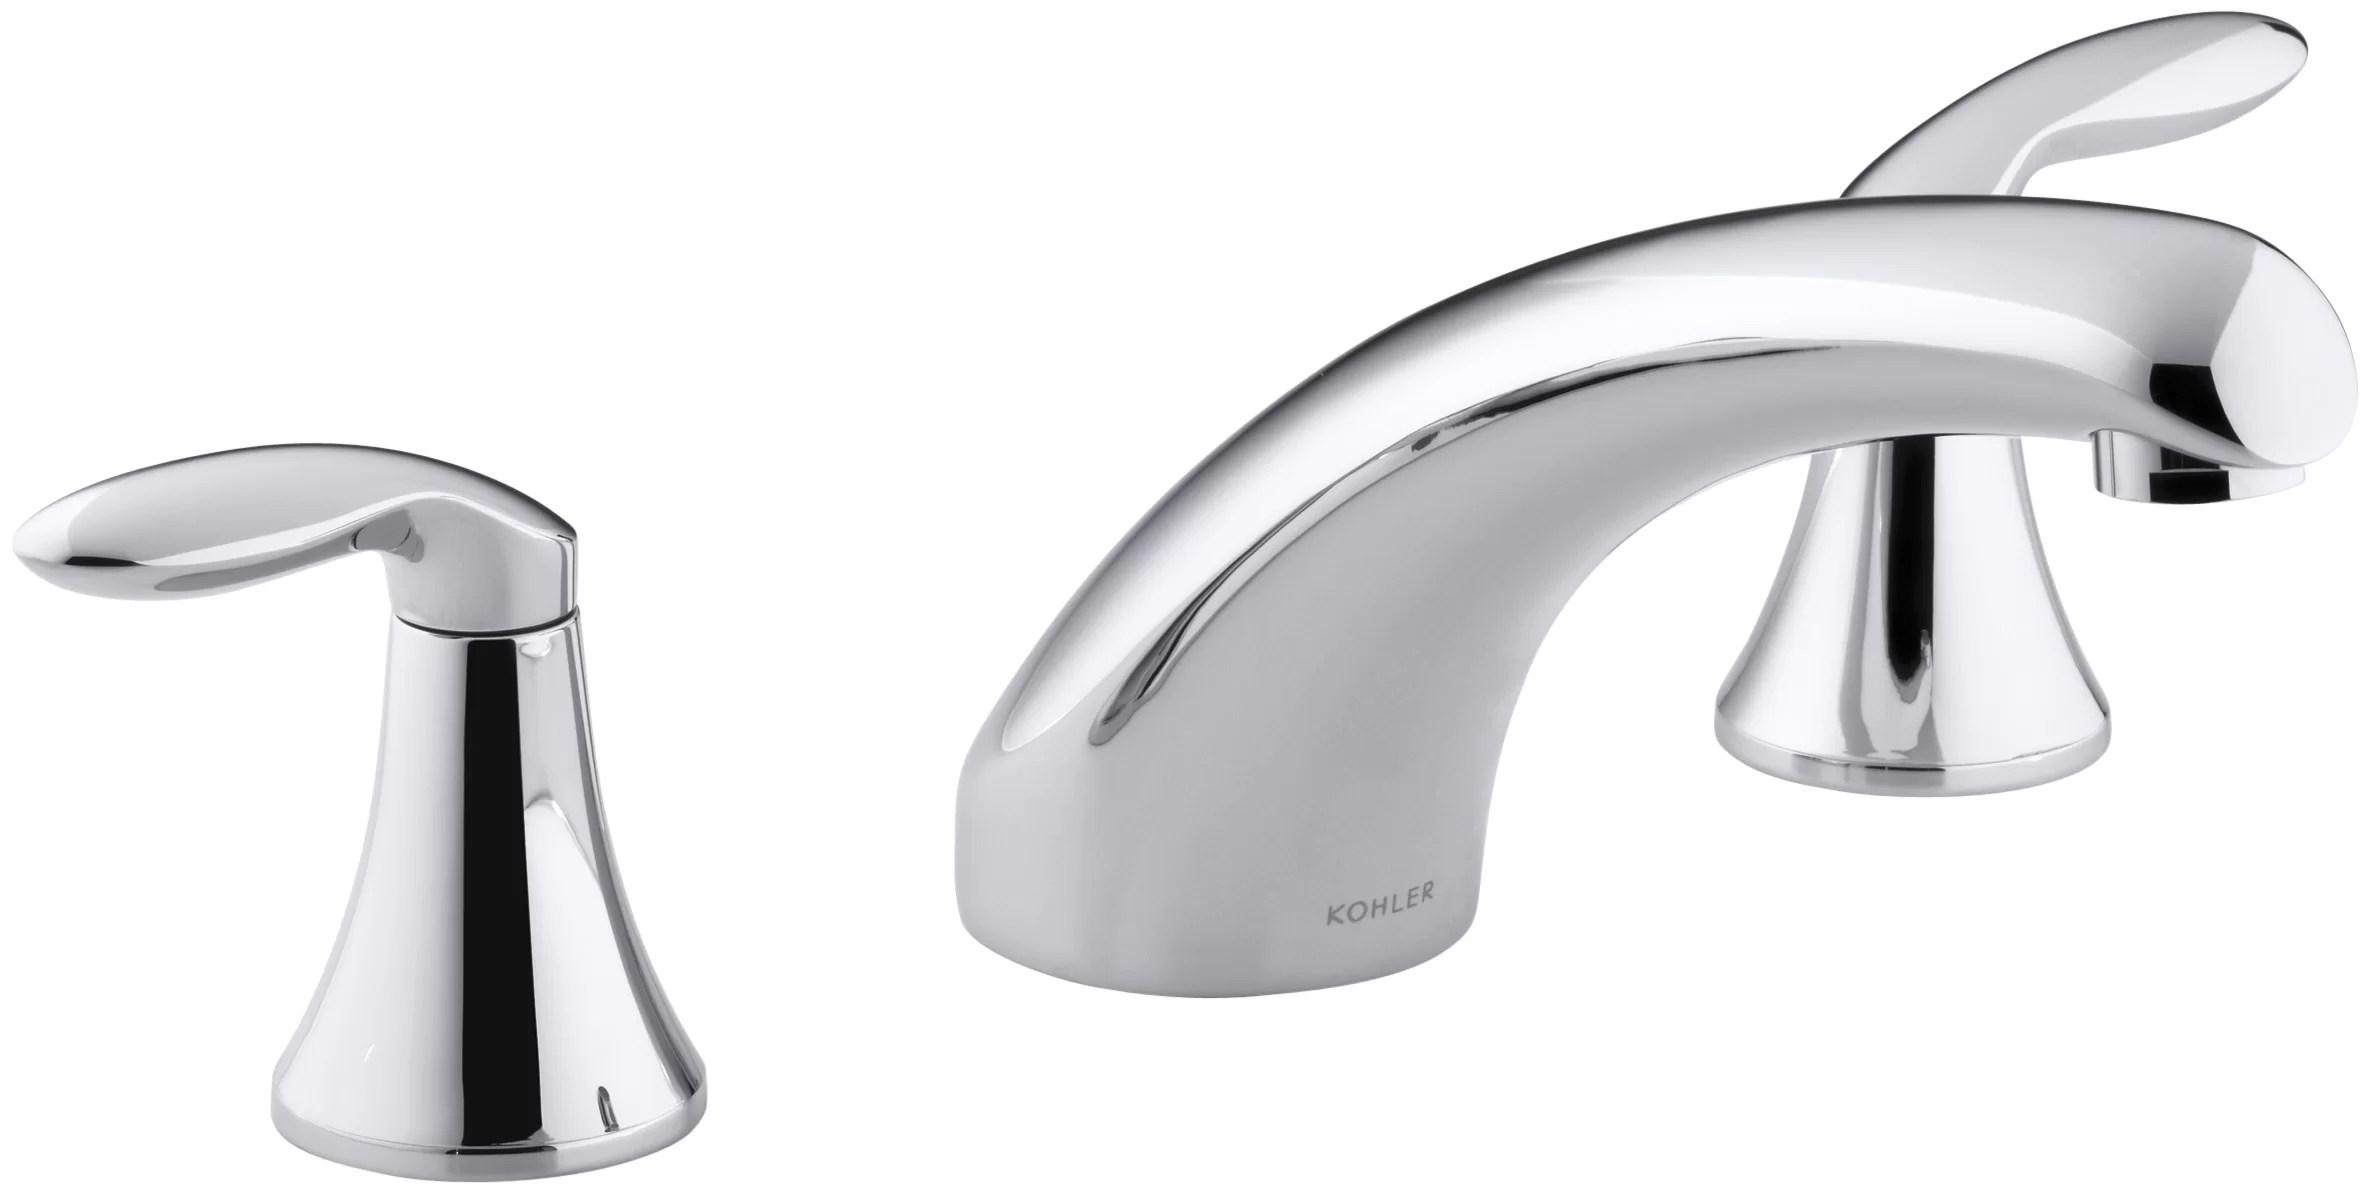 coralais deck mount roman tub faucet trim with lever handles